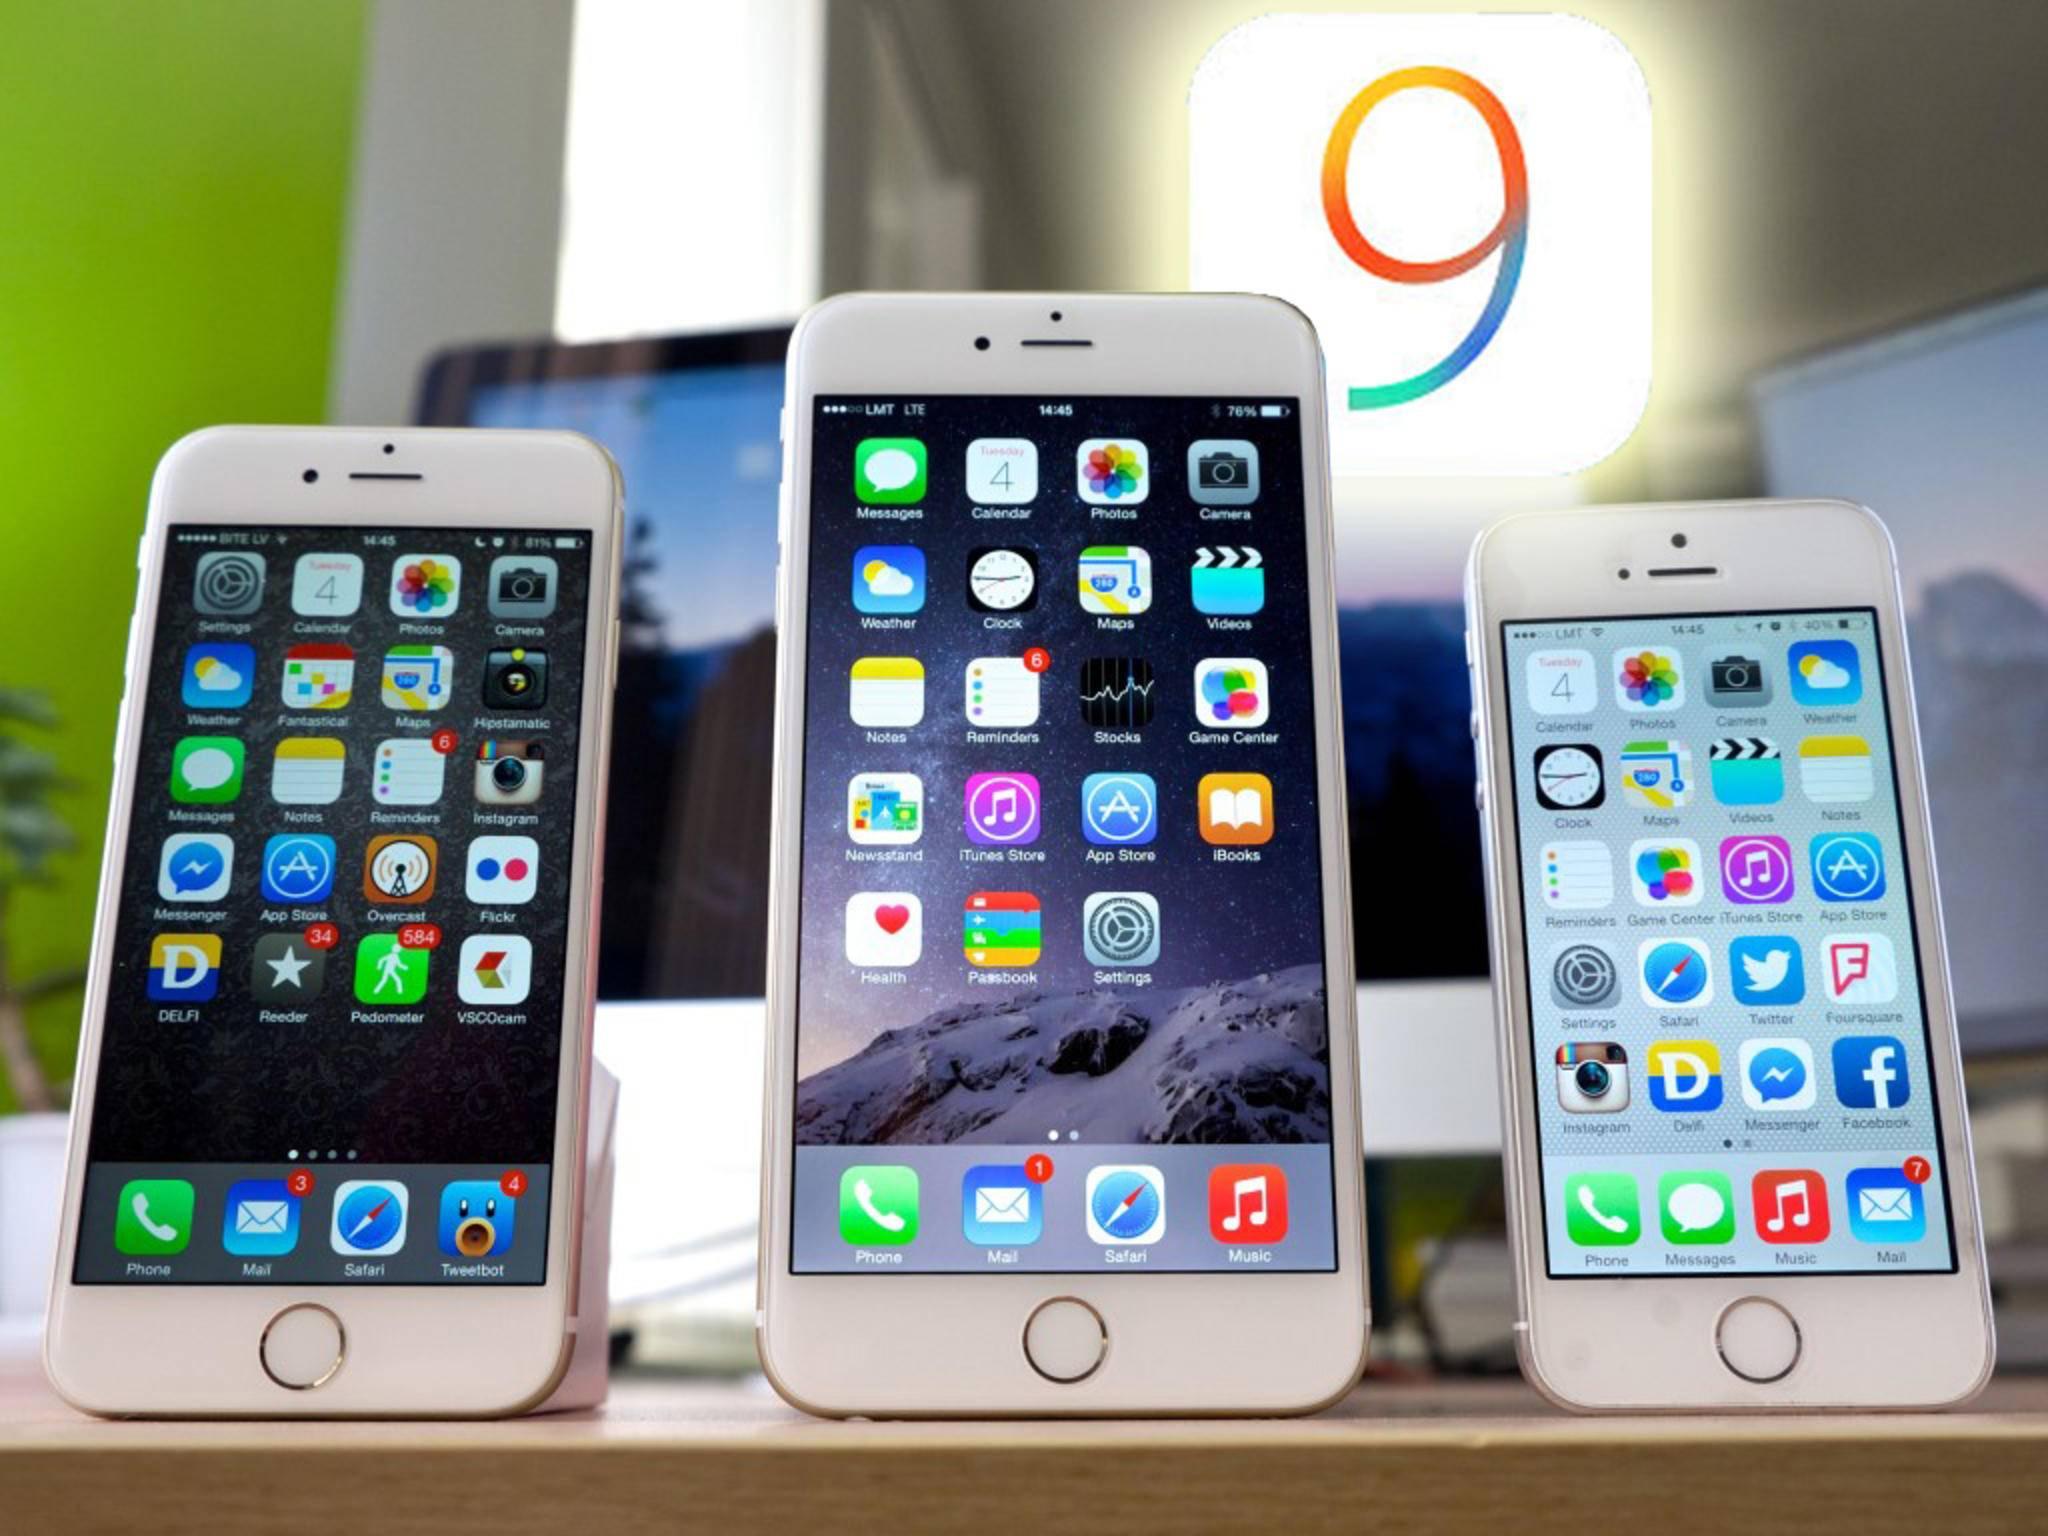 Wie von iOS 9 dürfte es auch von iOS 10 eine öffentliche Beta geben.